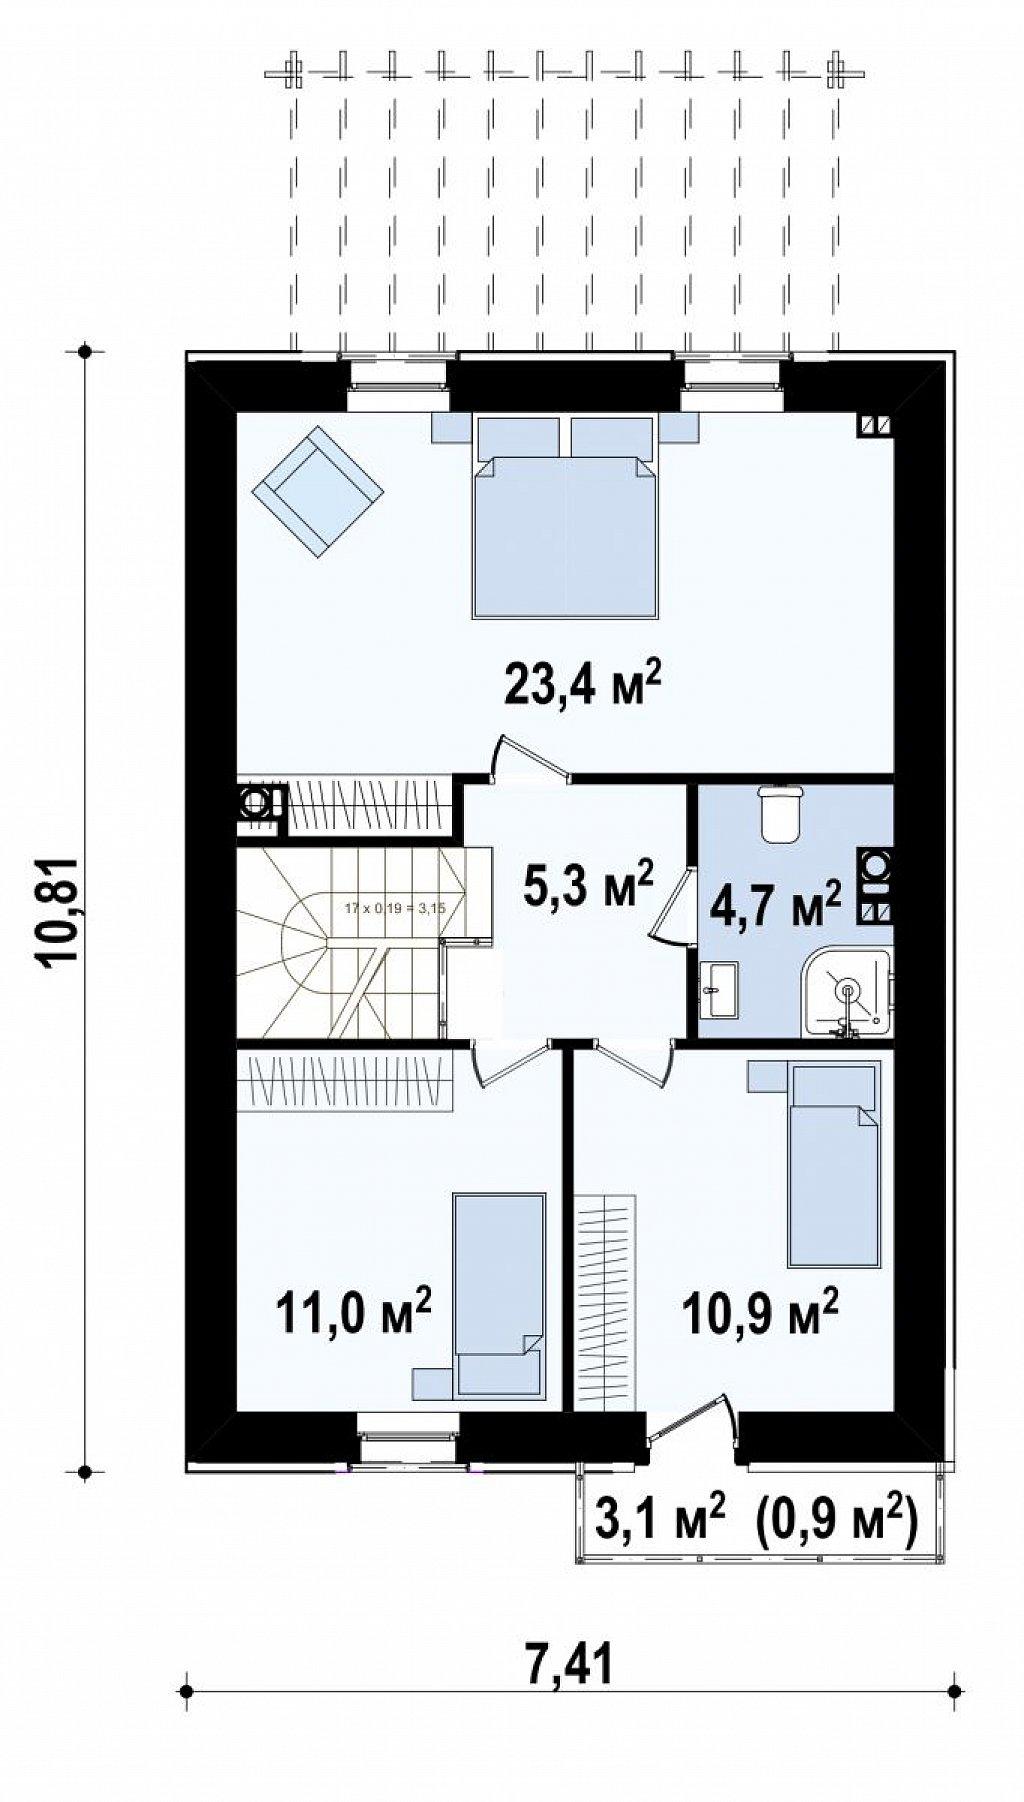 Новый вариант проекта Z38 - уютного двухэтажного дома. план помещений 2